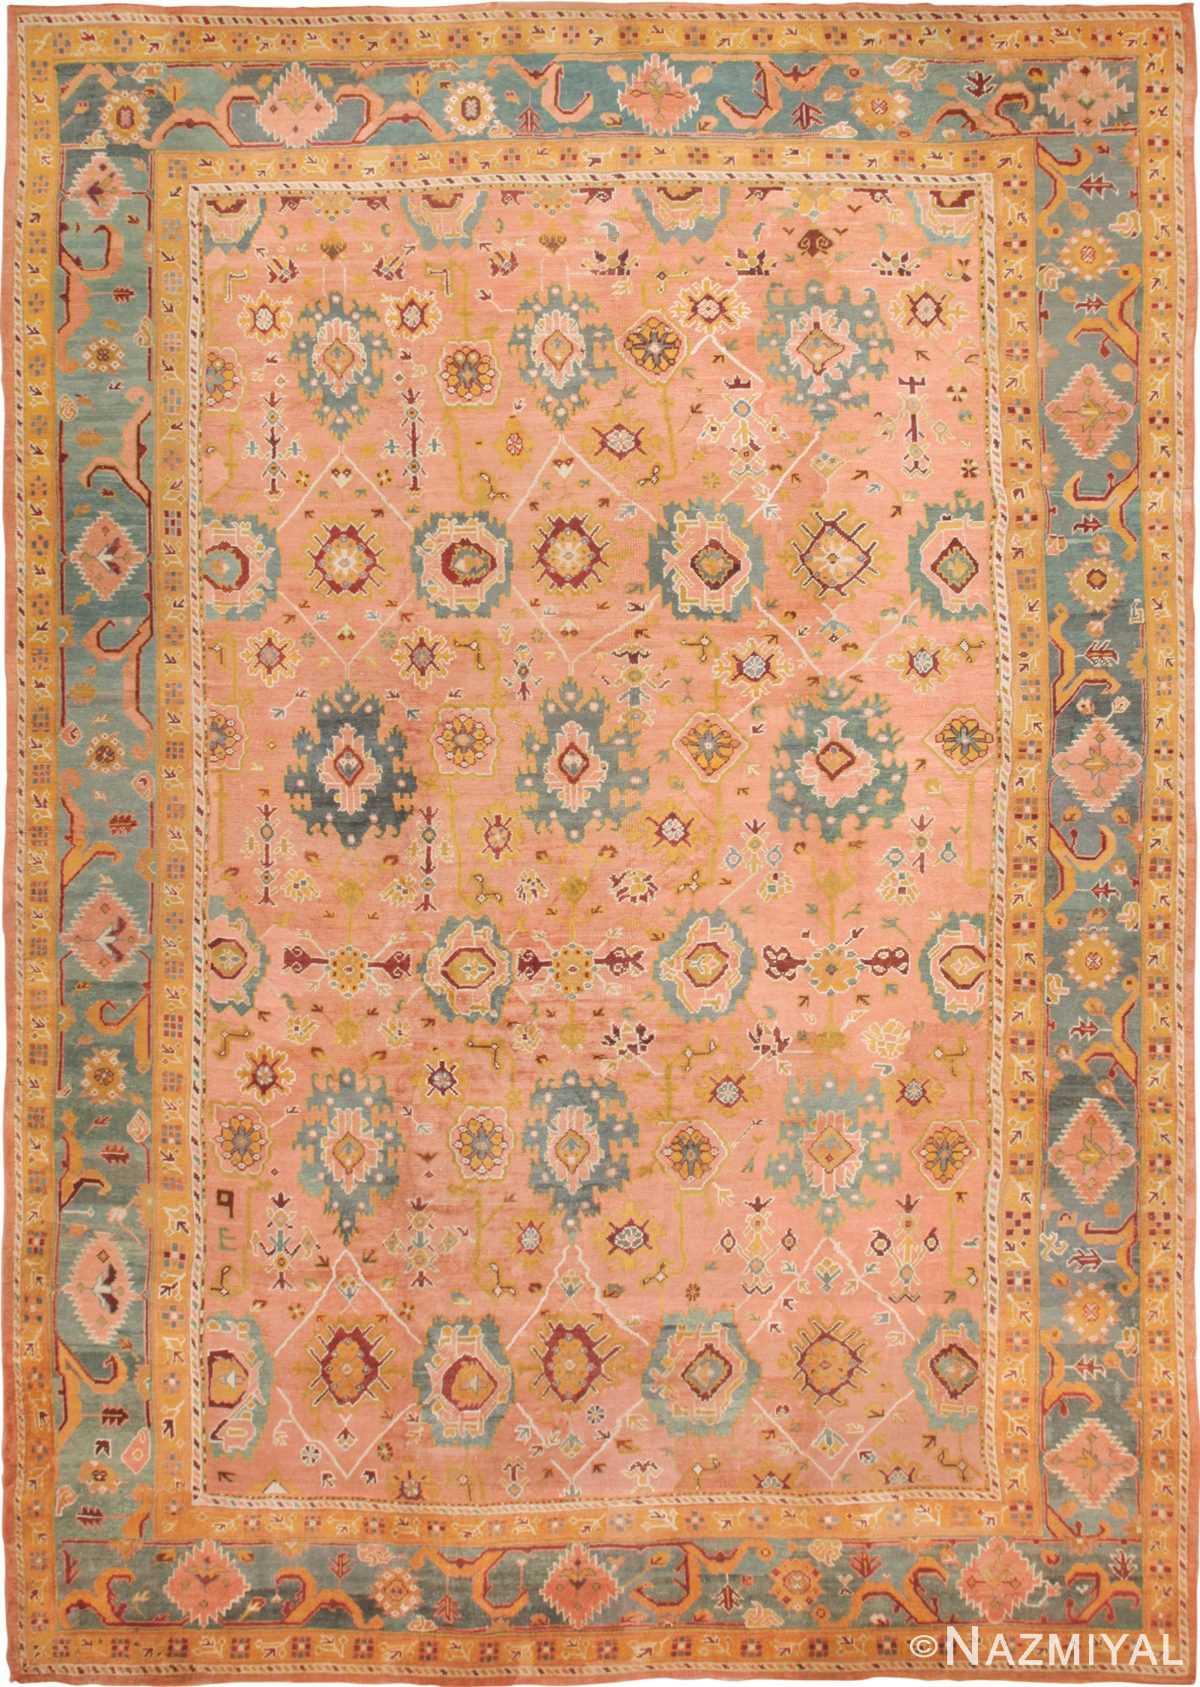 Oversized Antique Arts and Crafts Turkish Oushak Rug 49637 by Nazmiyal